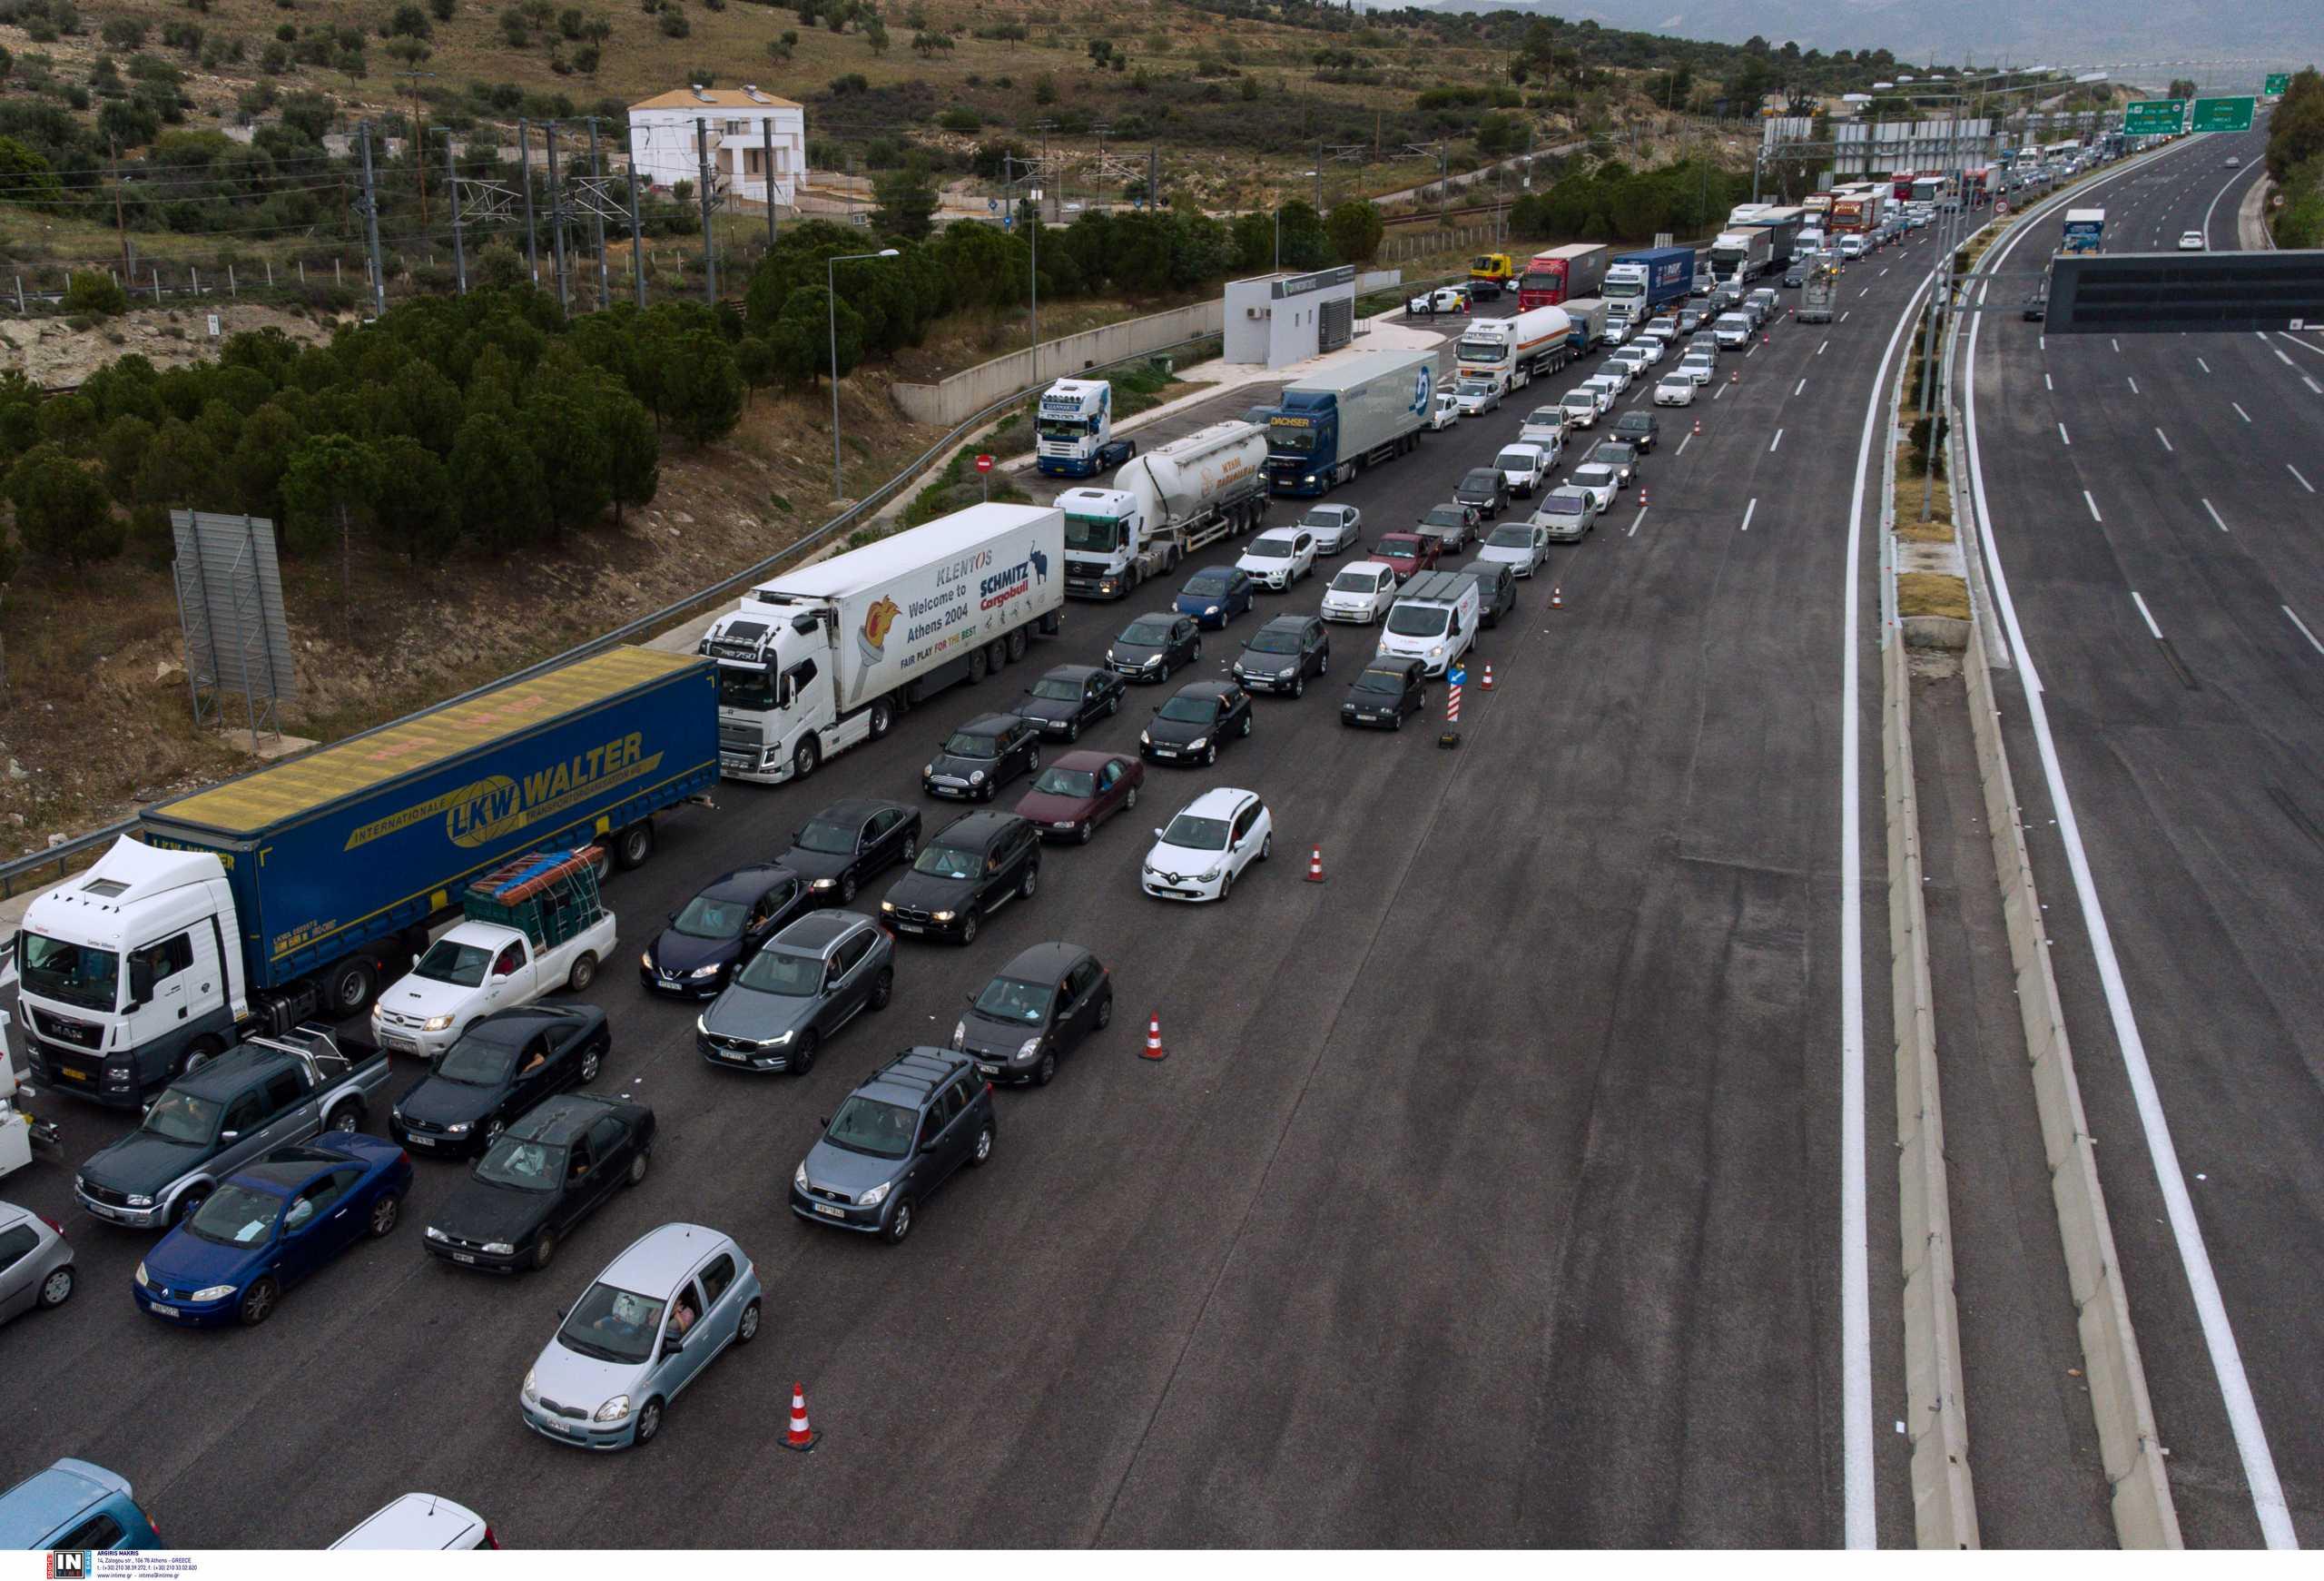 Κοζάνη: Ανέλπιστο δώρο στους οδηγούς μετά τις ατελείωτες ουρές στα διόδια Πολυμύλου